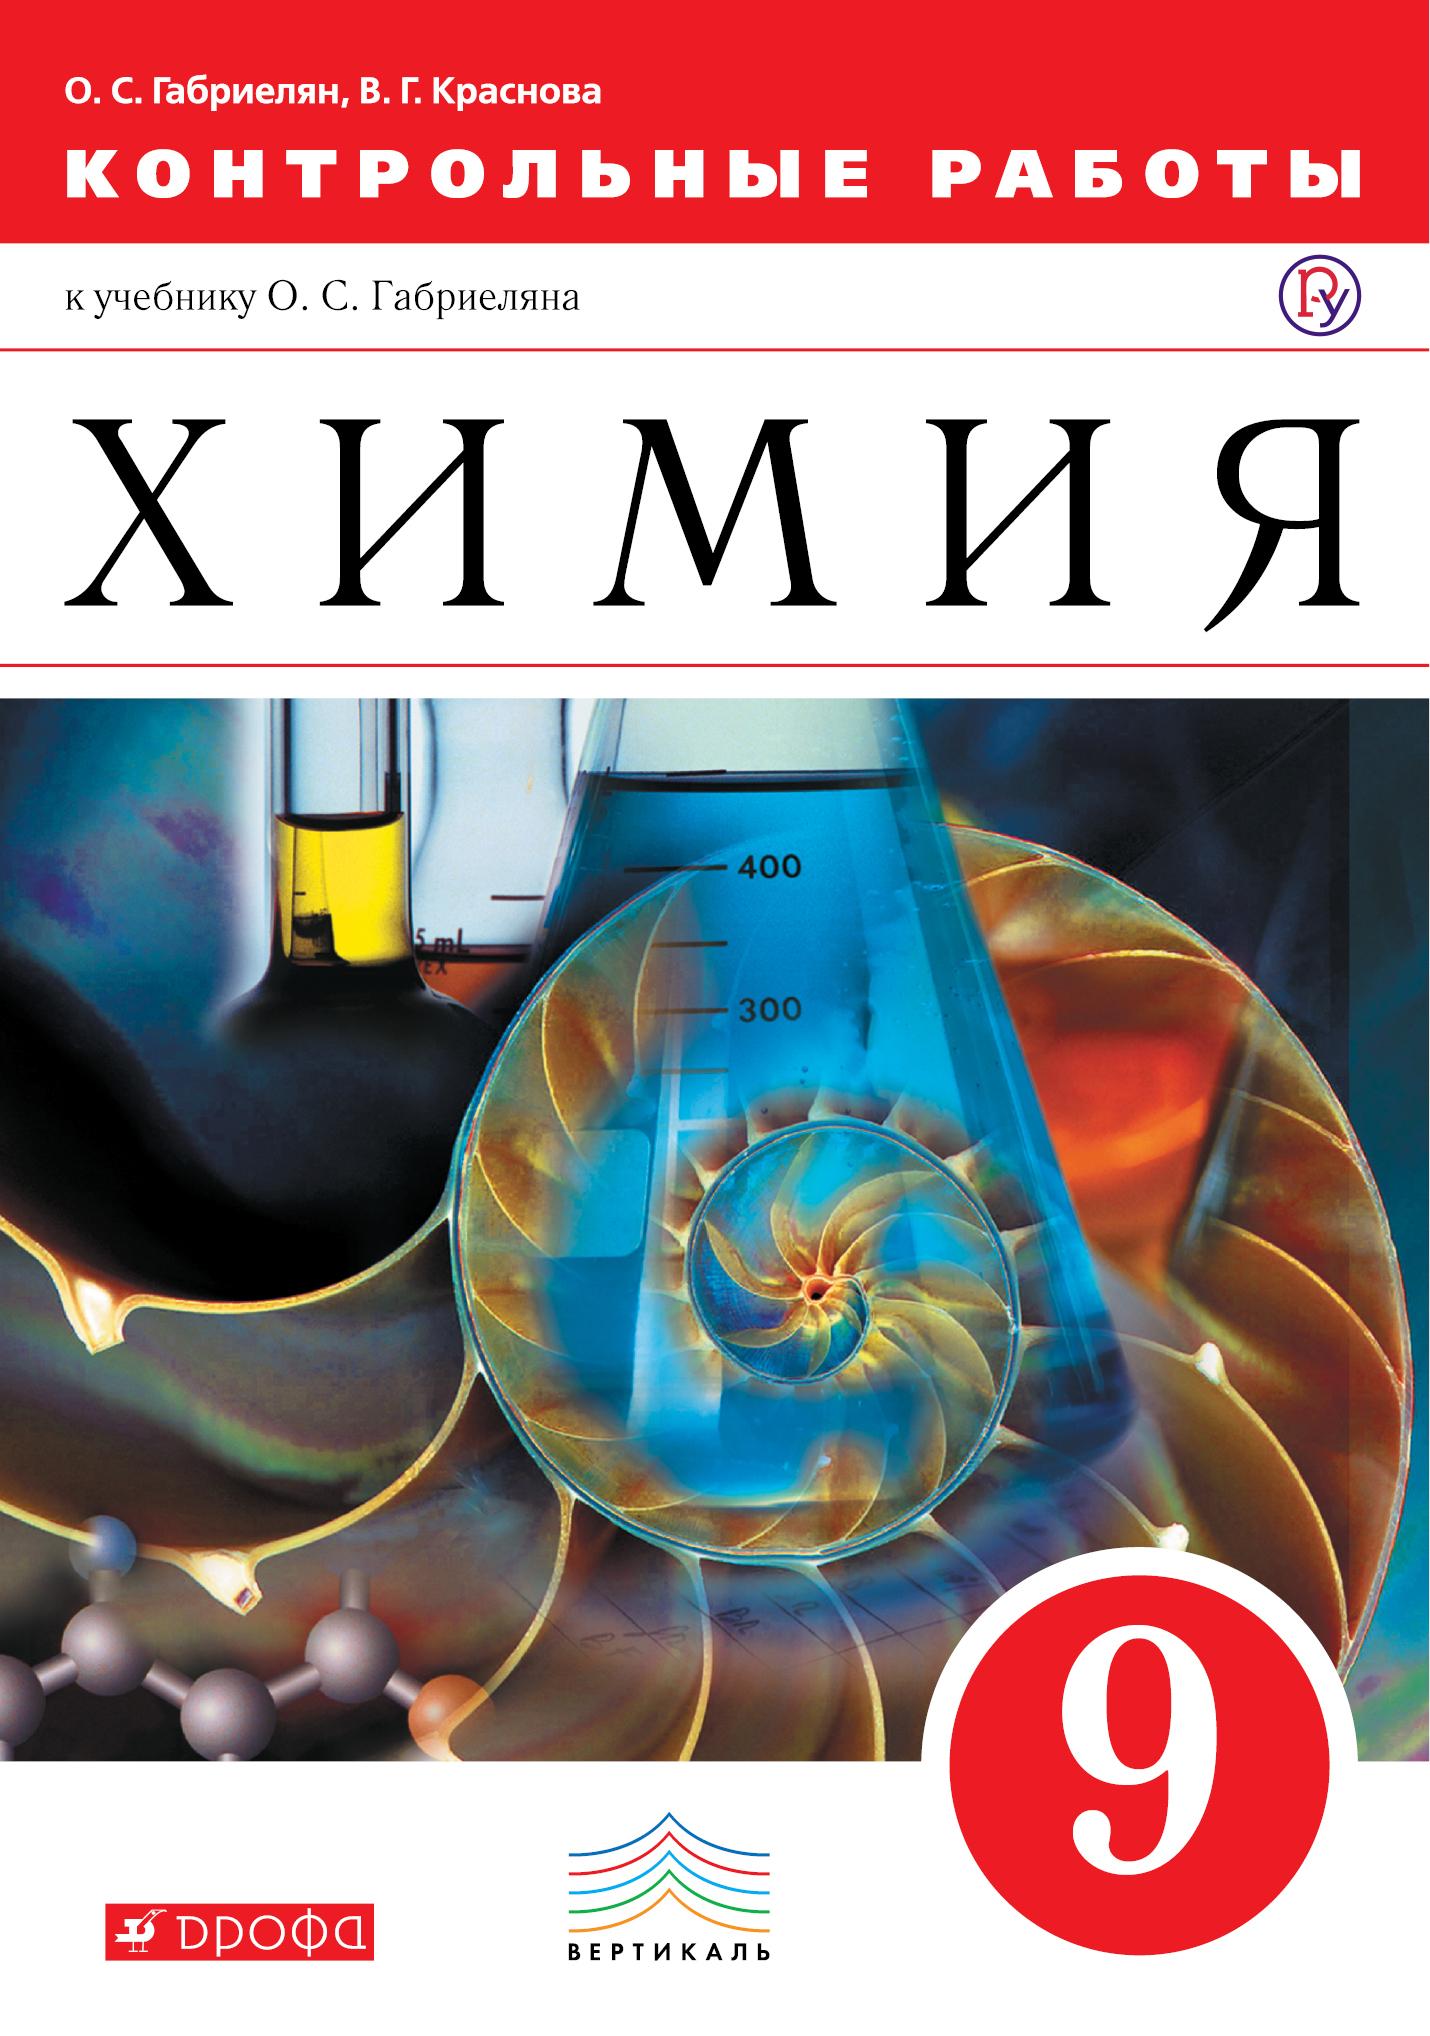 Химия.Контрольные работы. 9 класс. Вертикаль ( Габриелян О.С., Краснова В.Г.  )